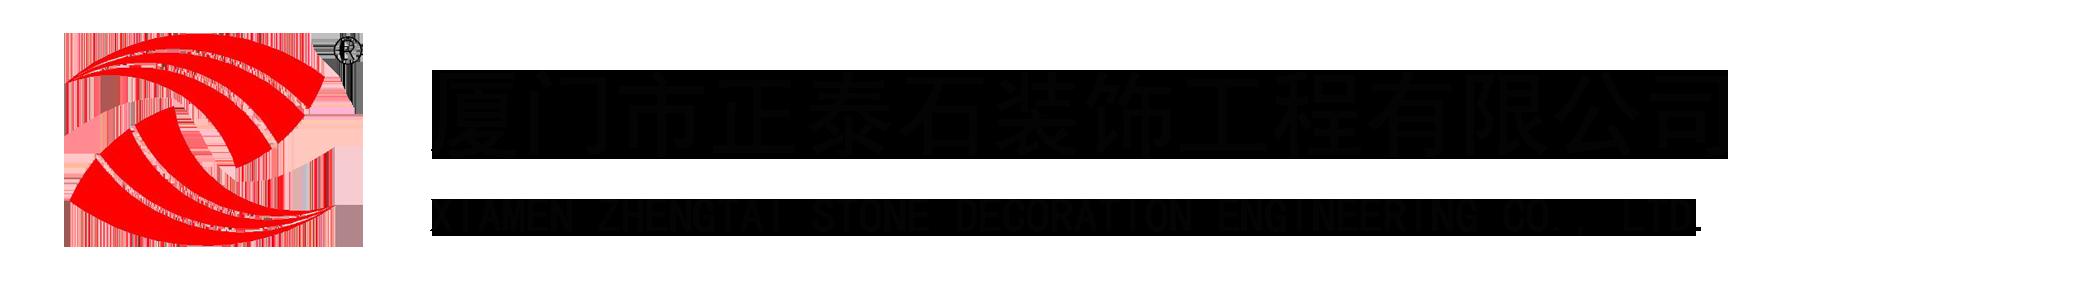 厦门市正泰石装饰工程有限公司.